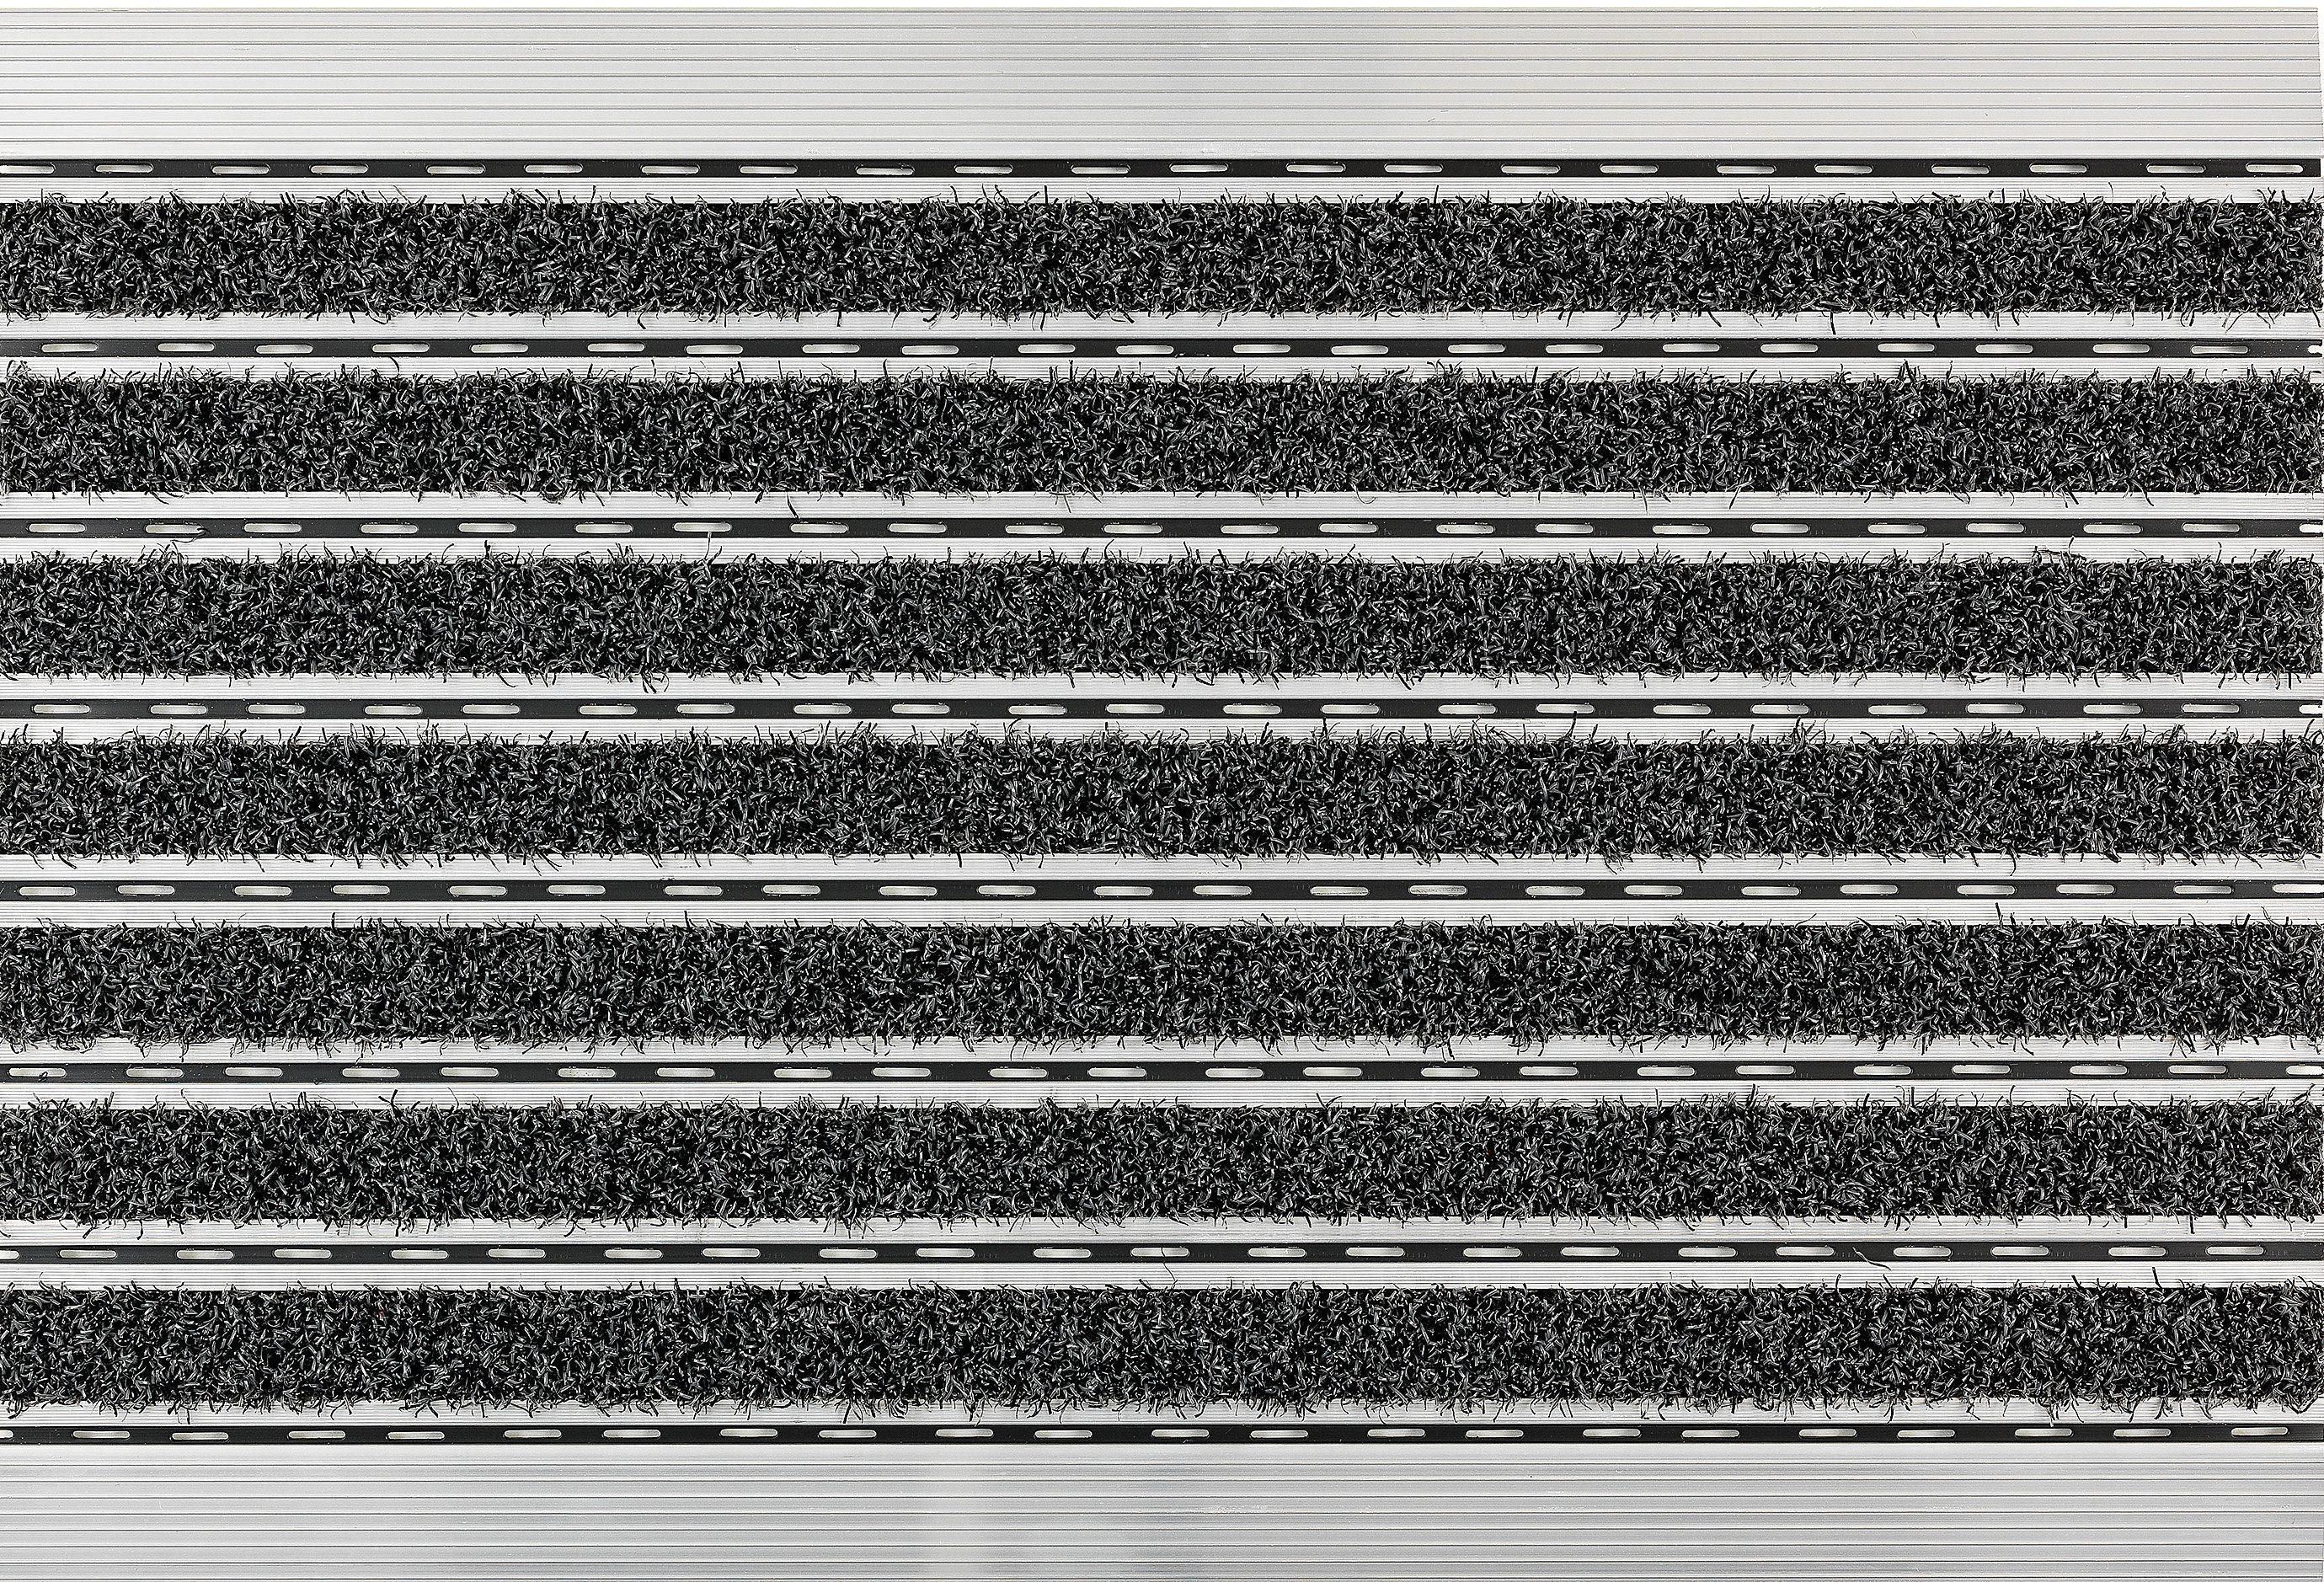 Fußmatte Scraper ASTRA rechteckig Höhe 10 mm